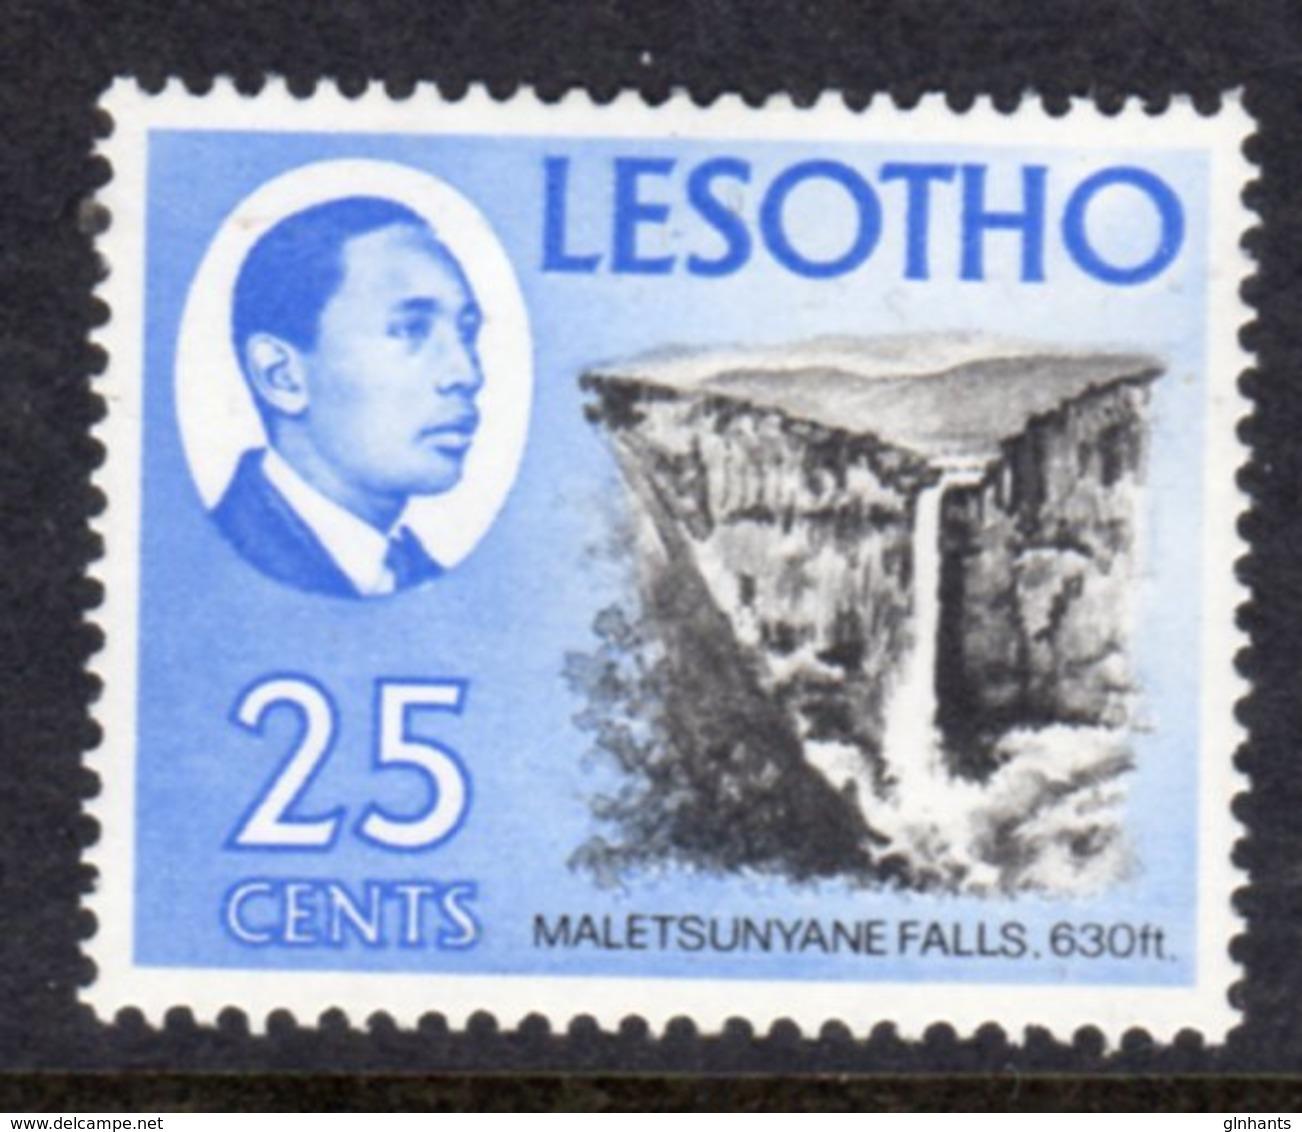 LESOTHO  - 1969 DEFINITIVE 25c STAMP FINE MOUNTED MINT MM * SG 156 - Lesotho (1966-...)